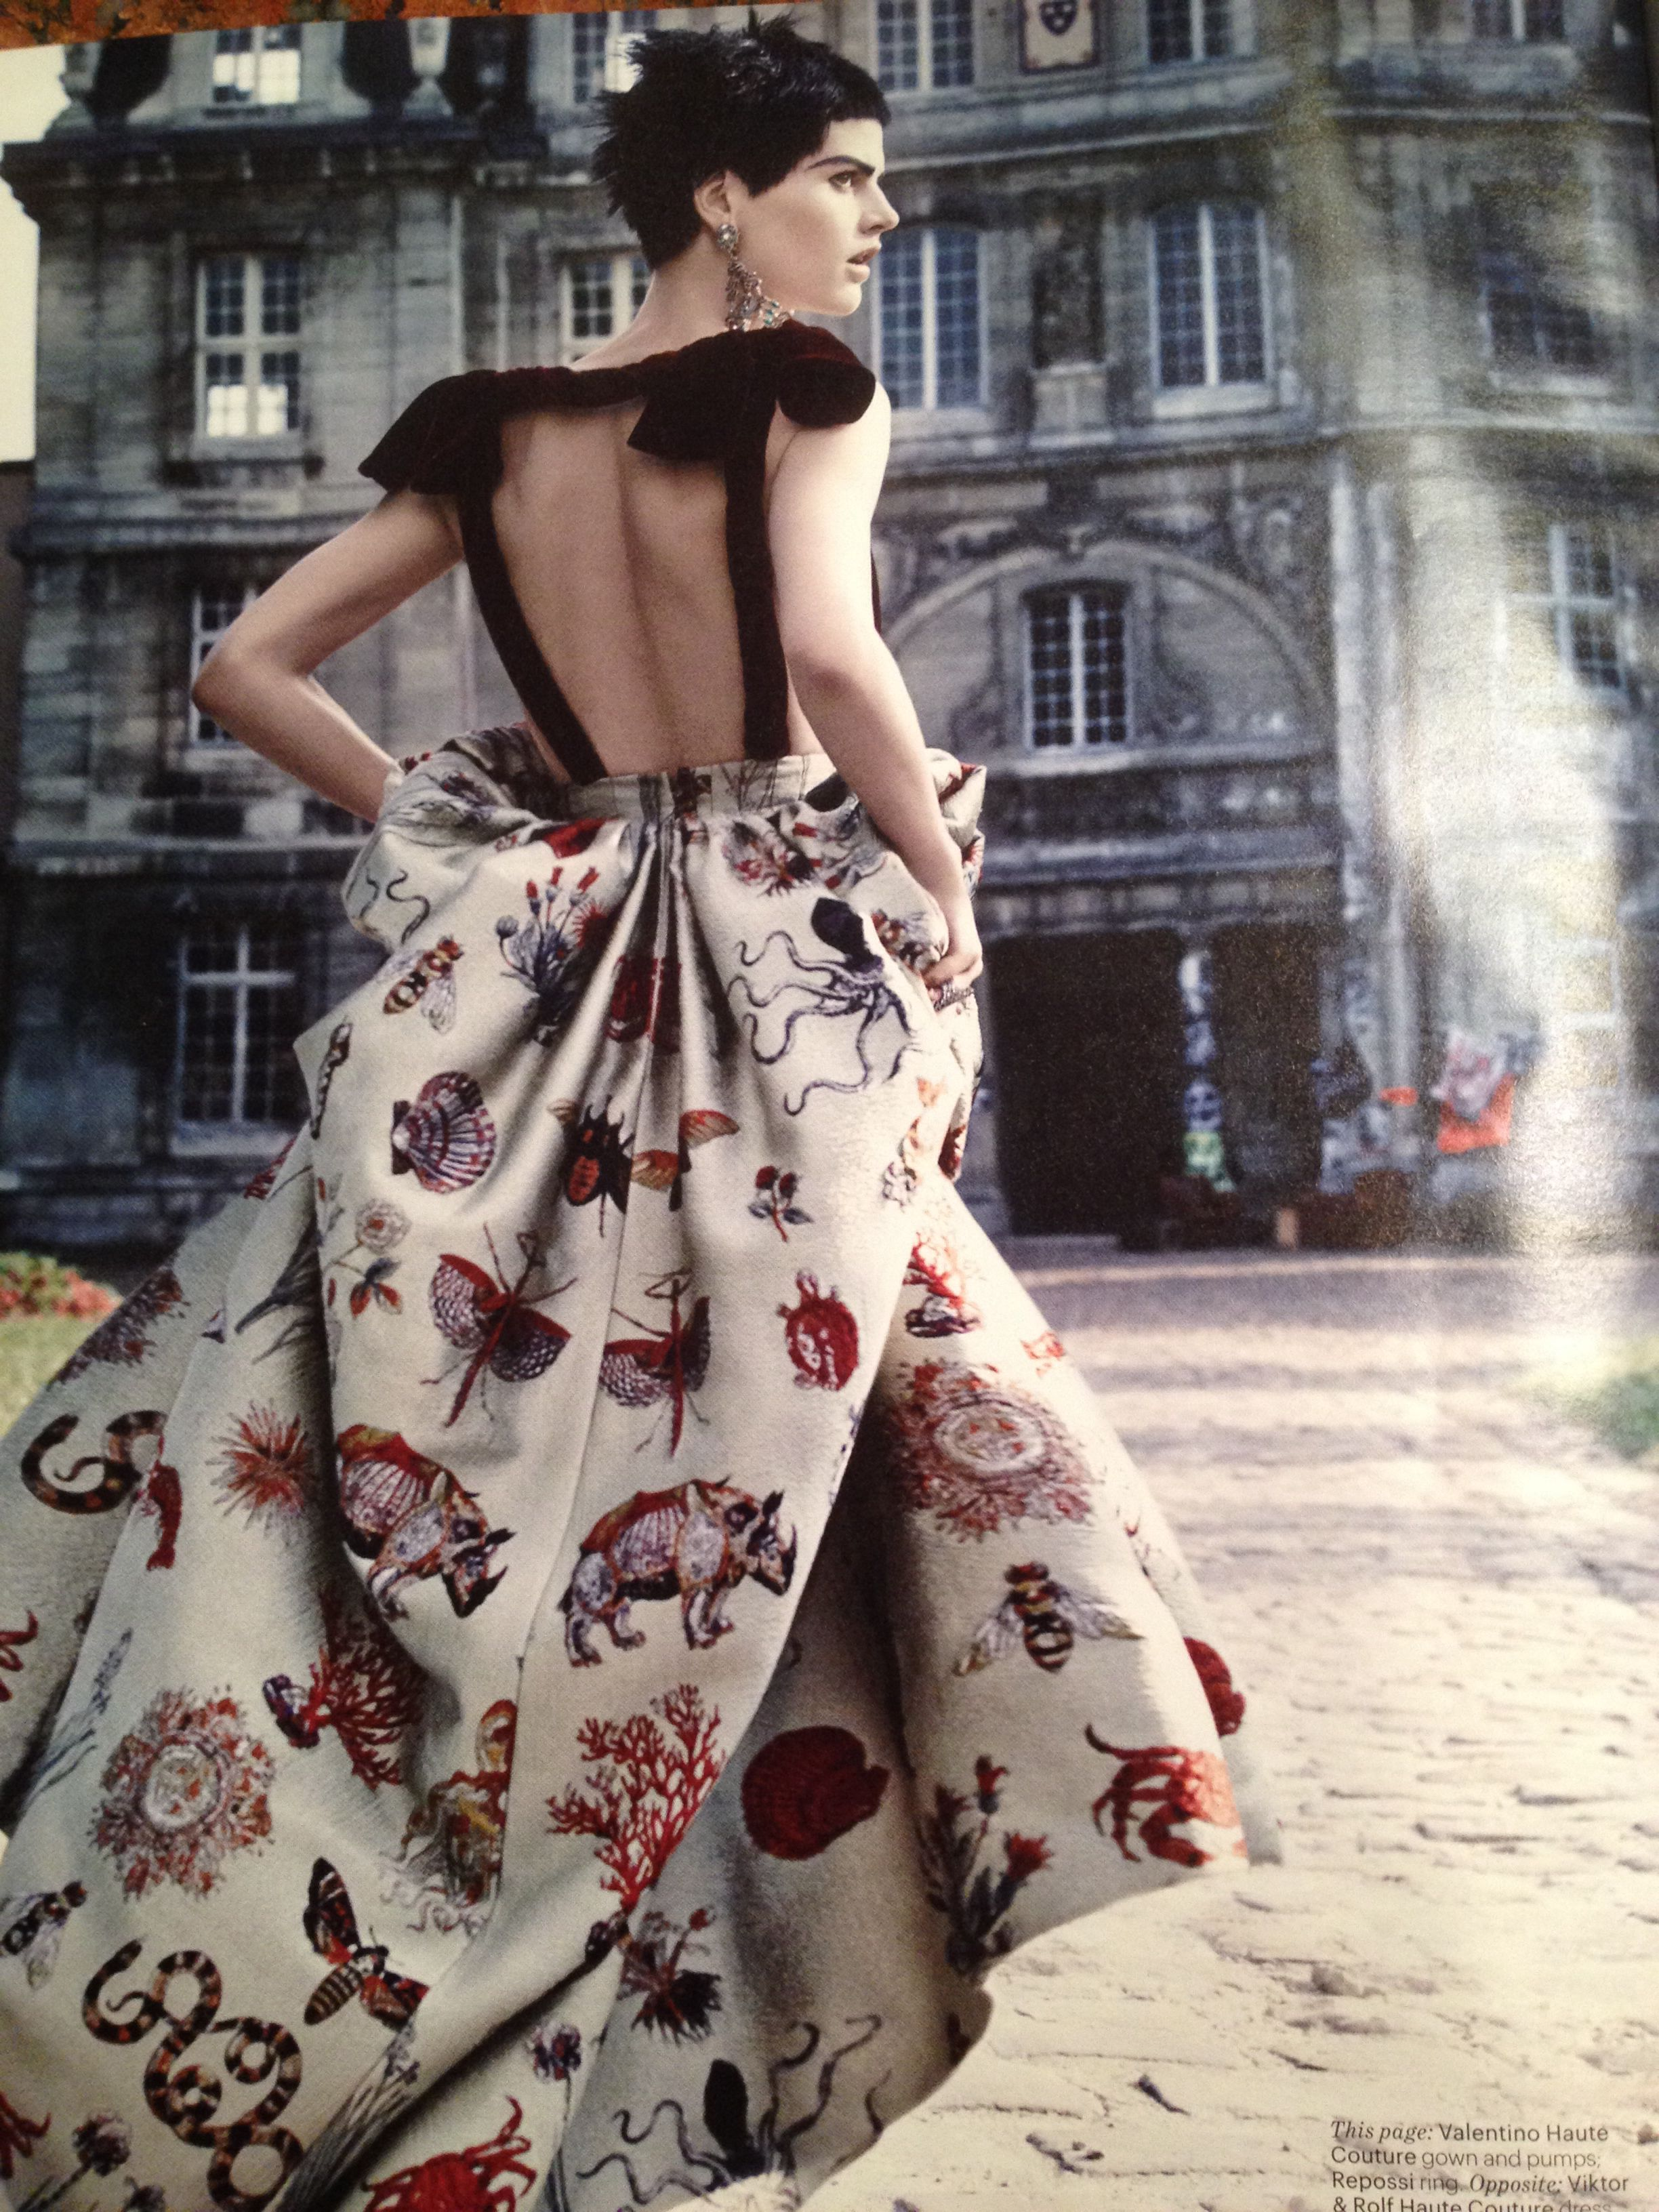 Valentino Haute Couture gown, W magazine (Oct. '13)